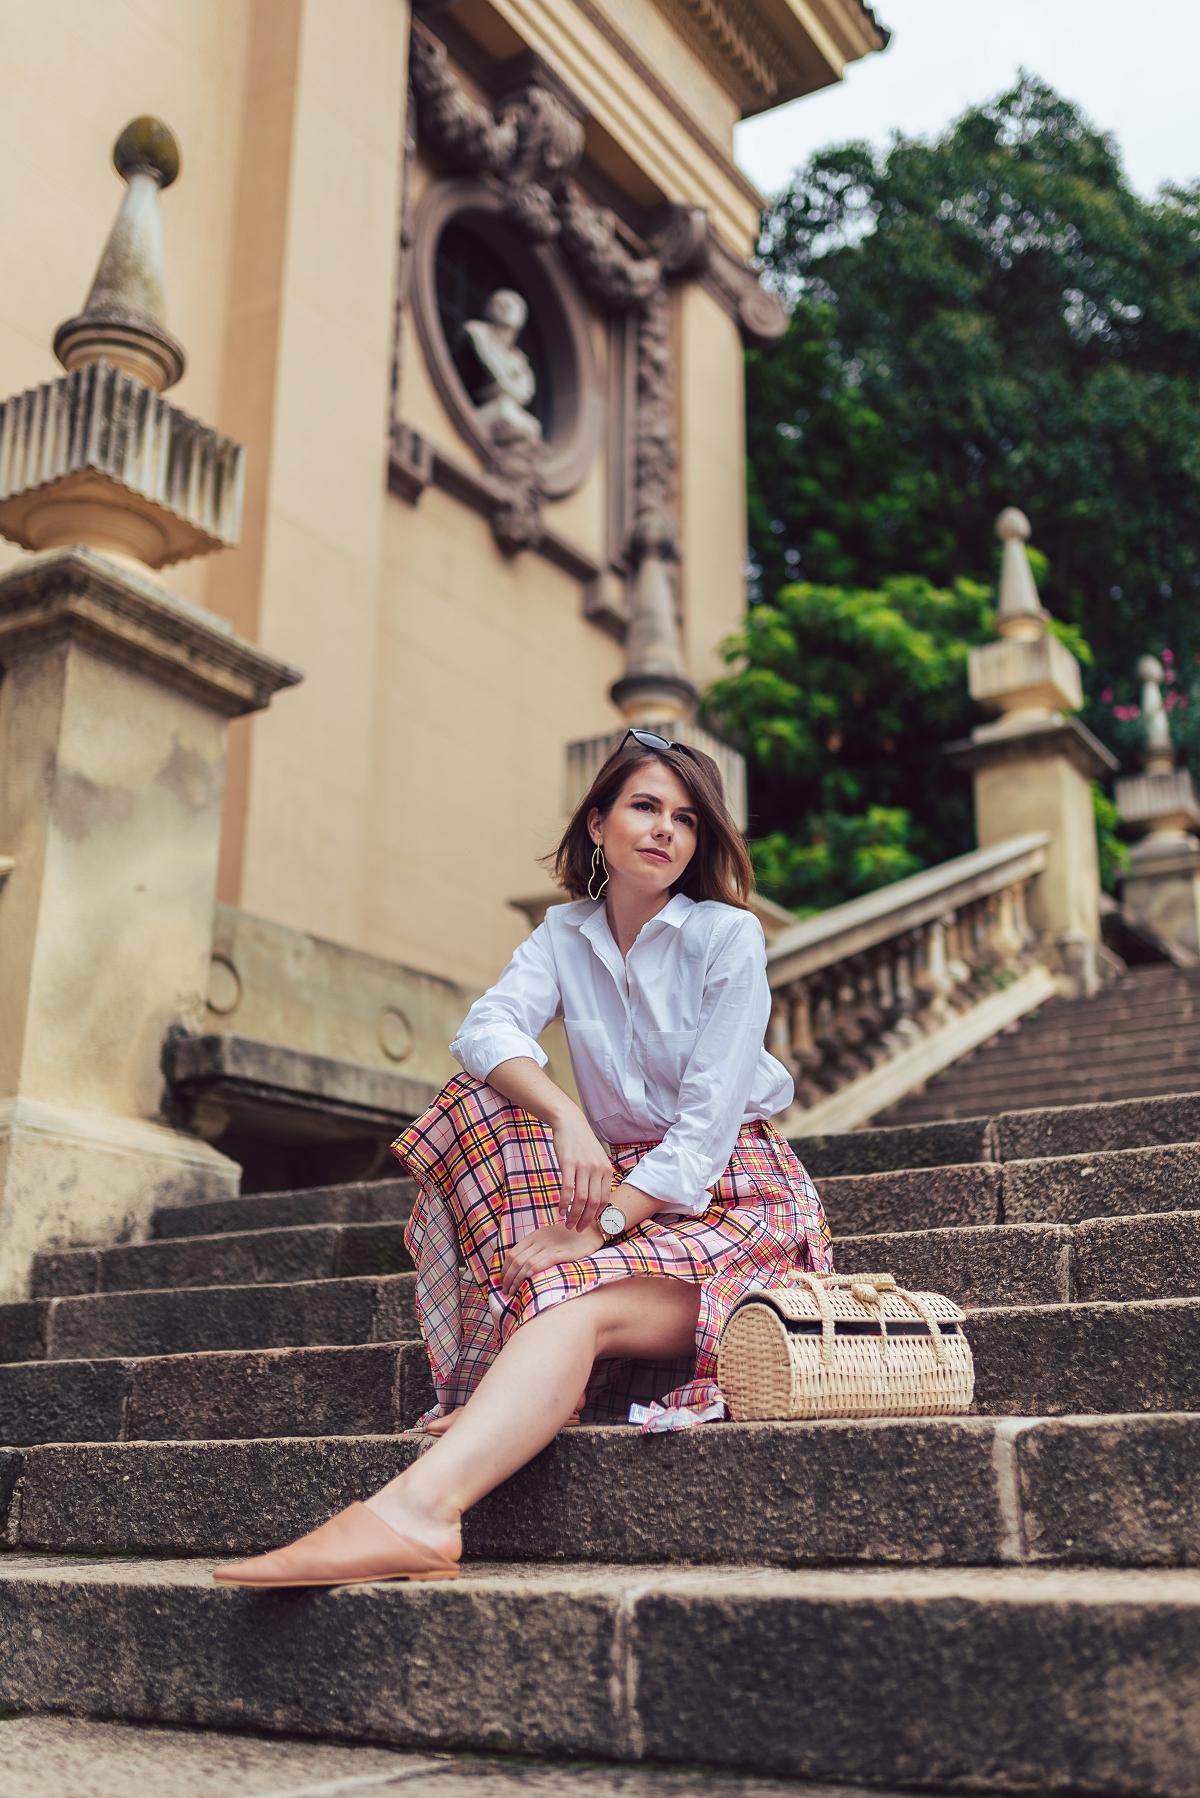 biala_koszula_z_poduszkami_i_spódnica_w_krate_sesja_w_barcelonie